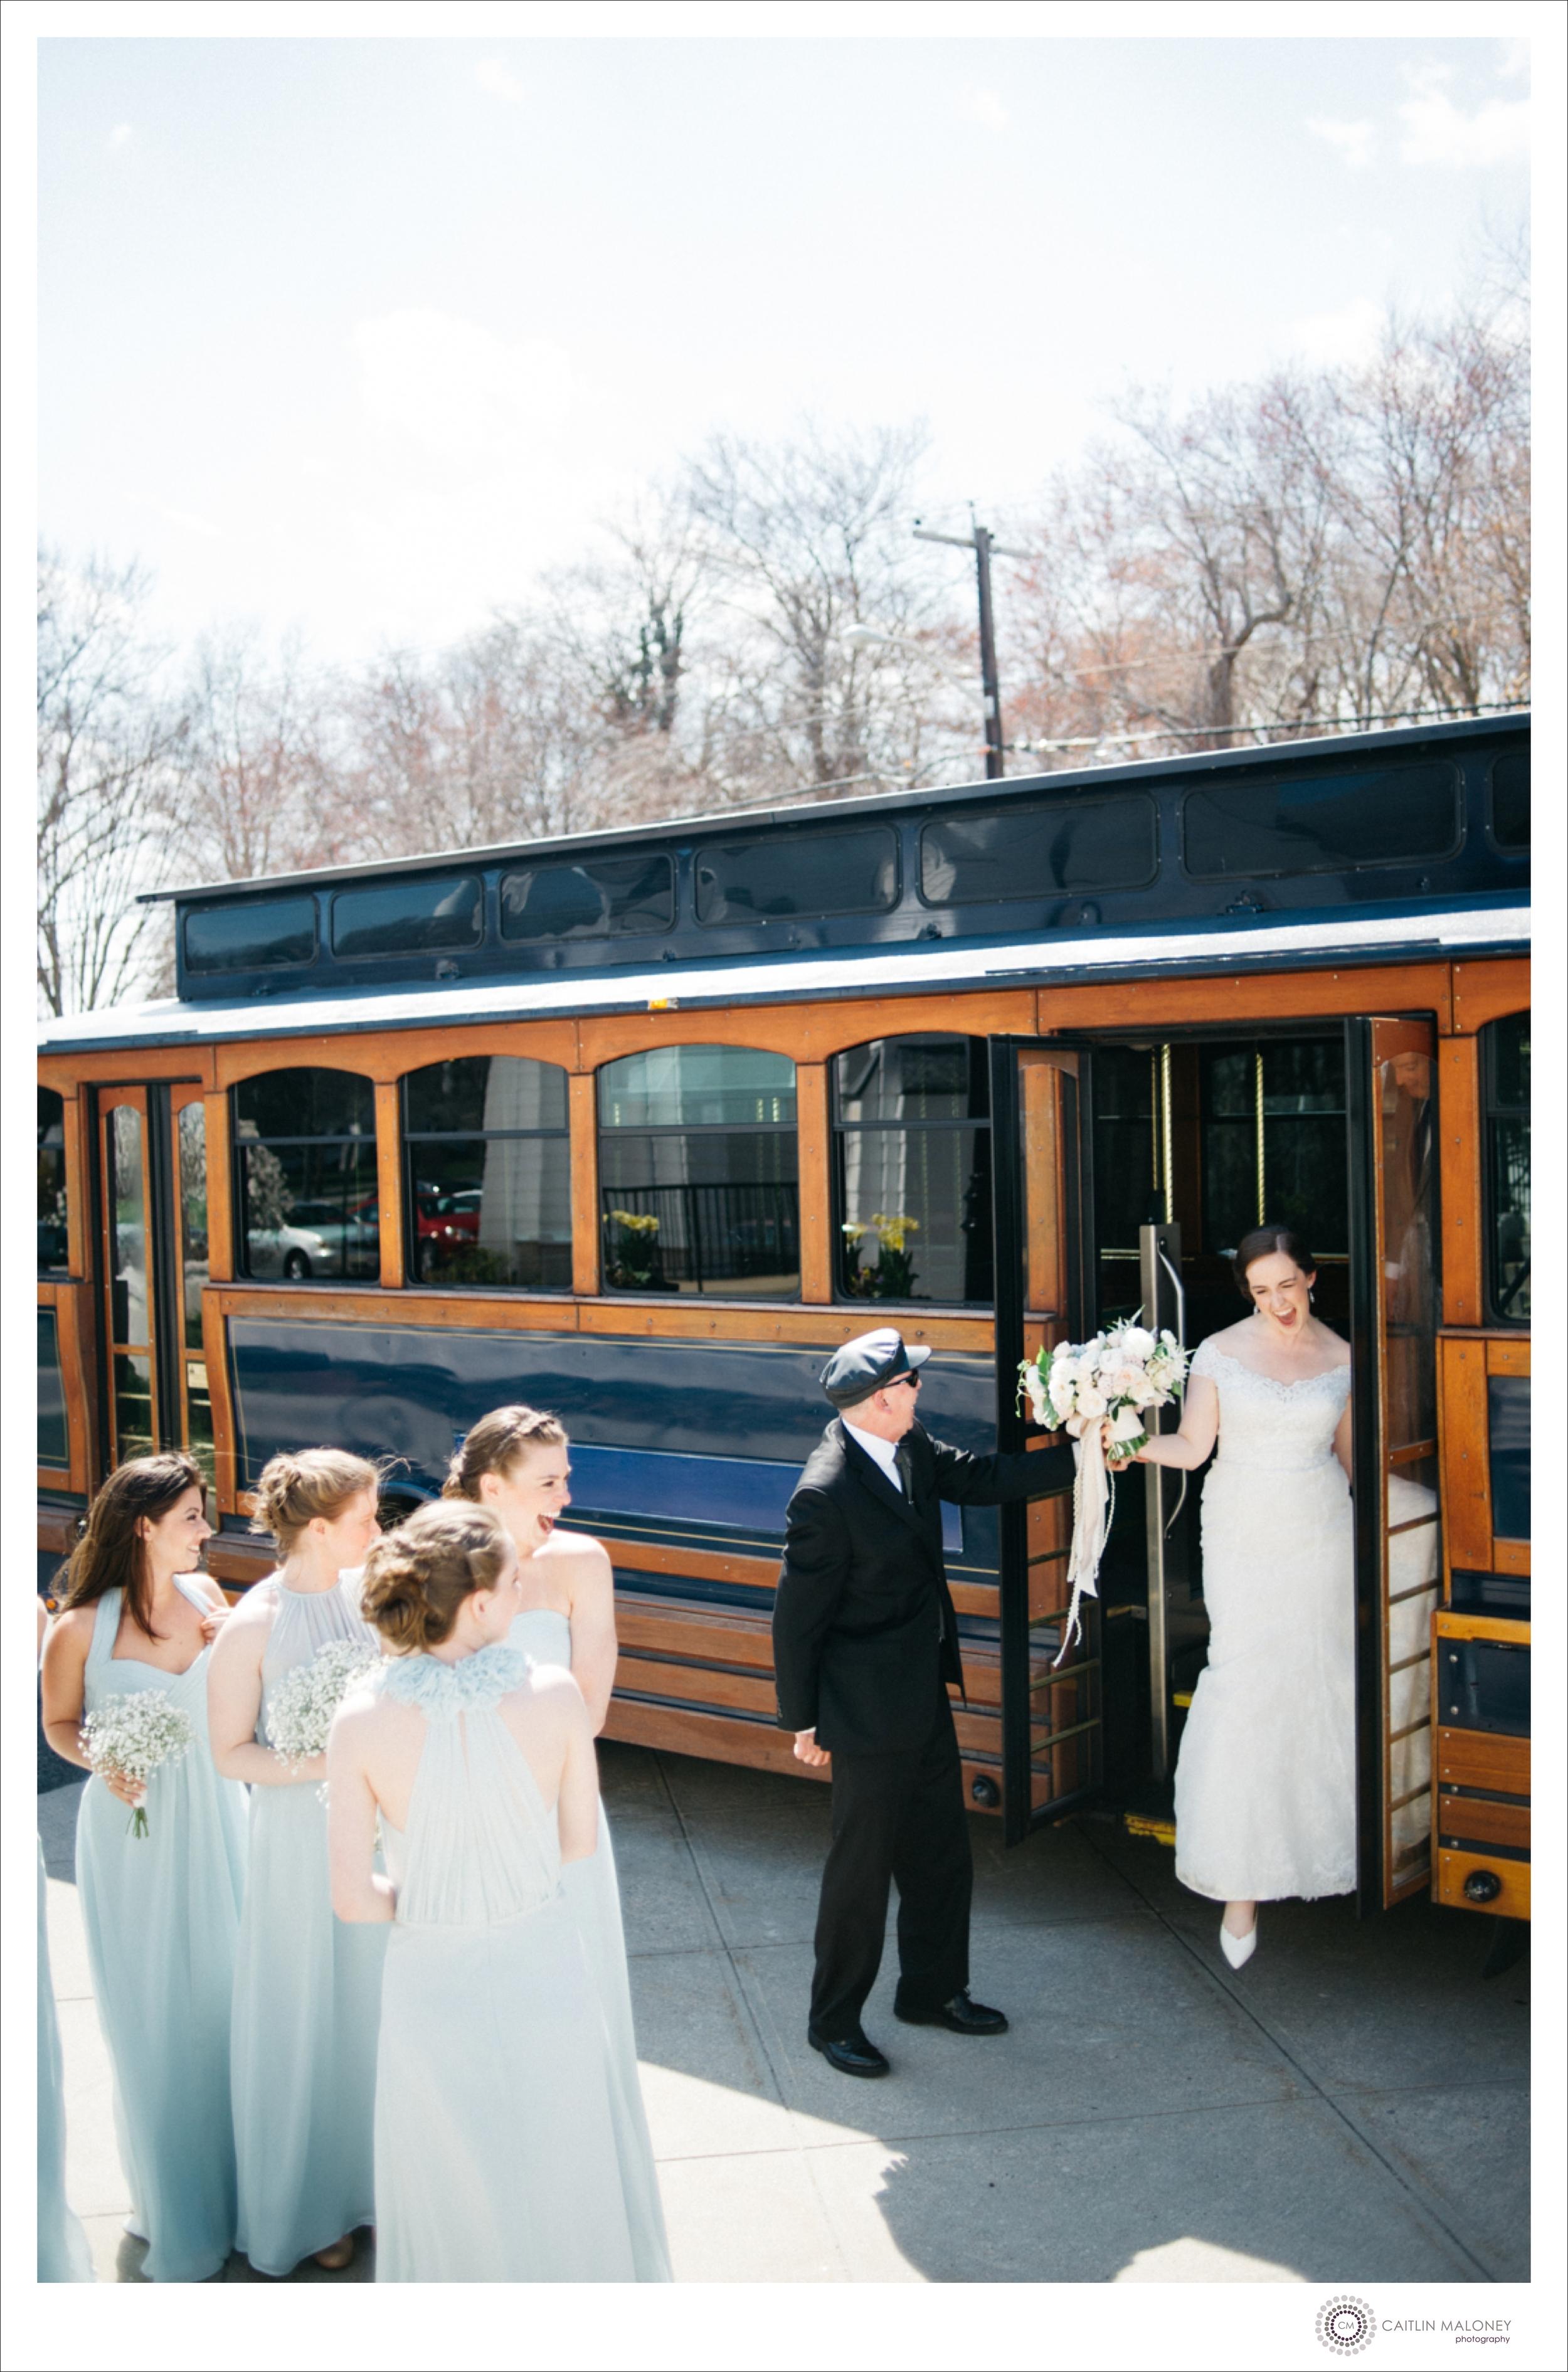 Linden_Place_Wedding_Photos_028.jpg